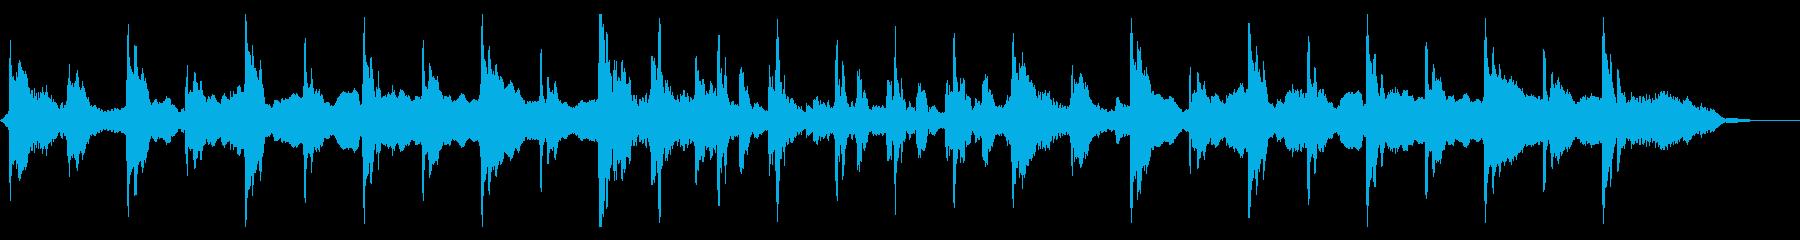 アンビエント、サウンドデザイン、パ...の再生済みの波形